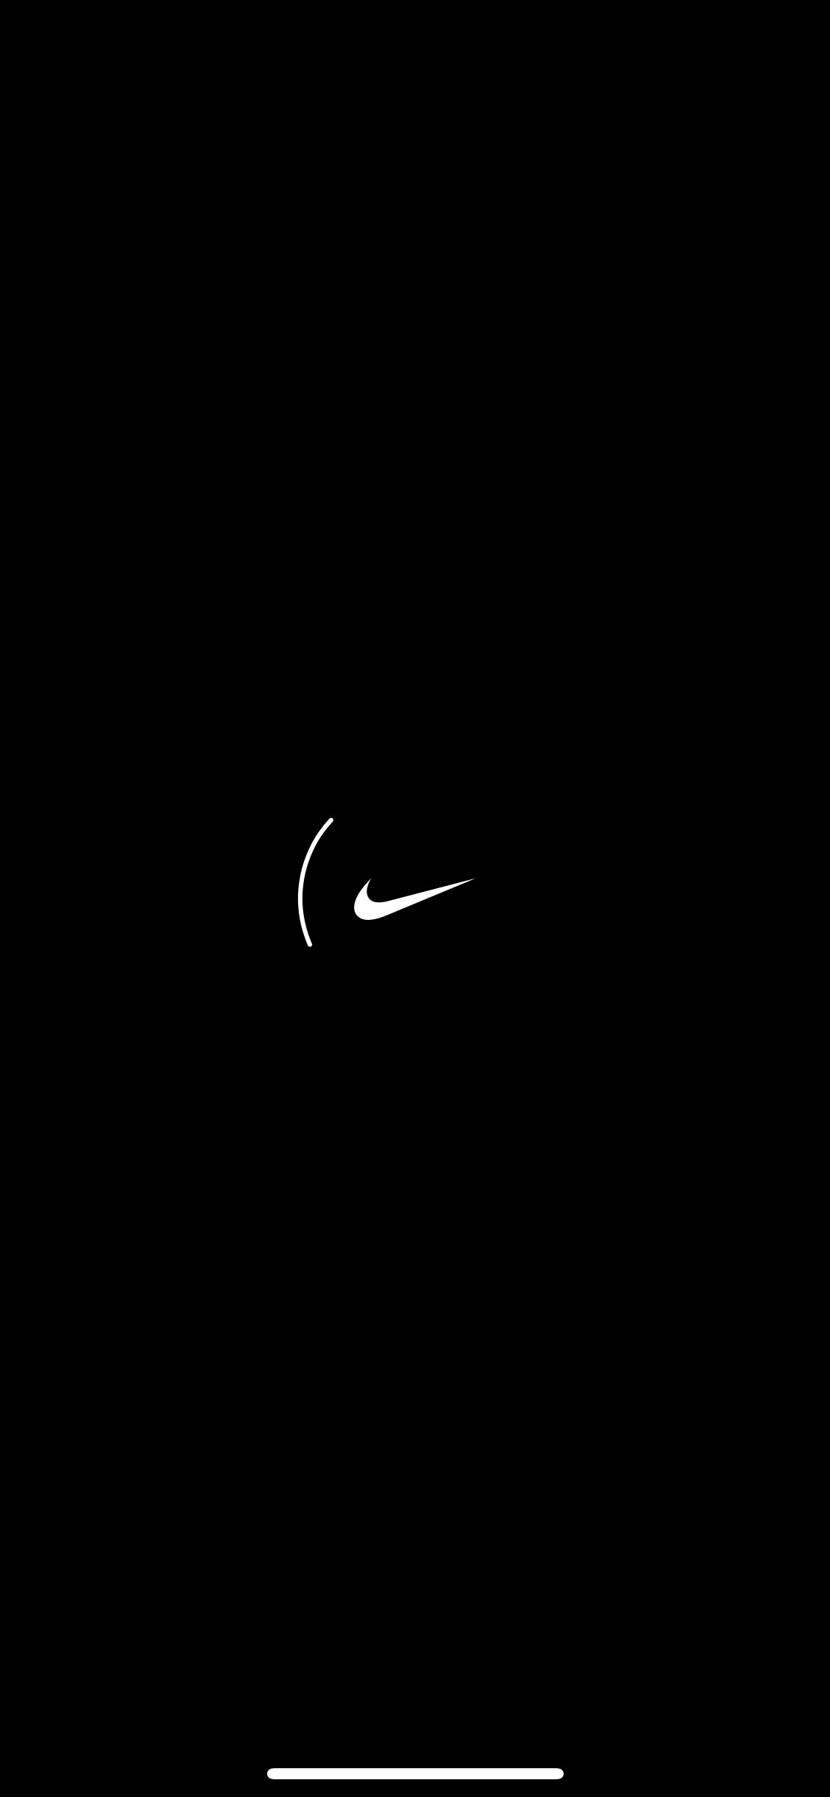 Nike.comのアプリが起動しなくて悩んでます。 同じ症状の人いますか?